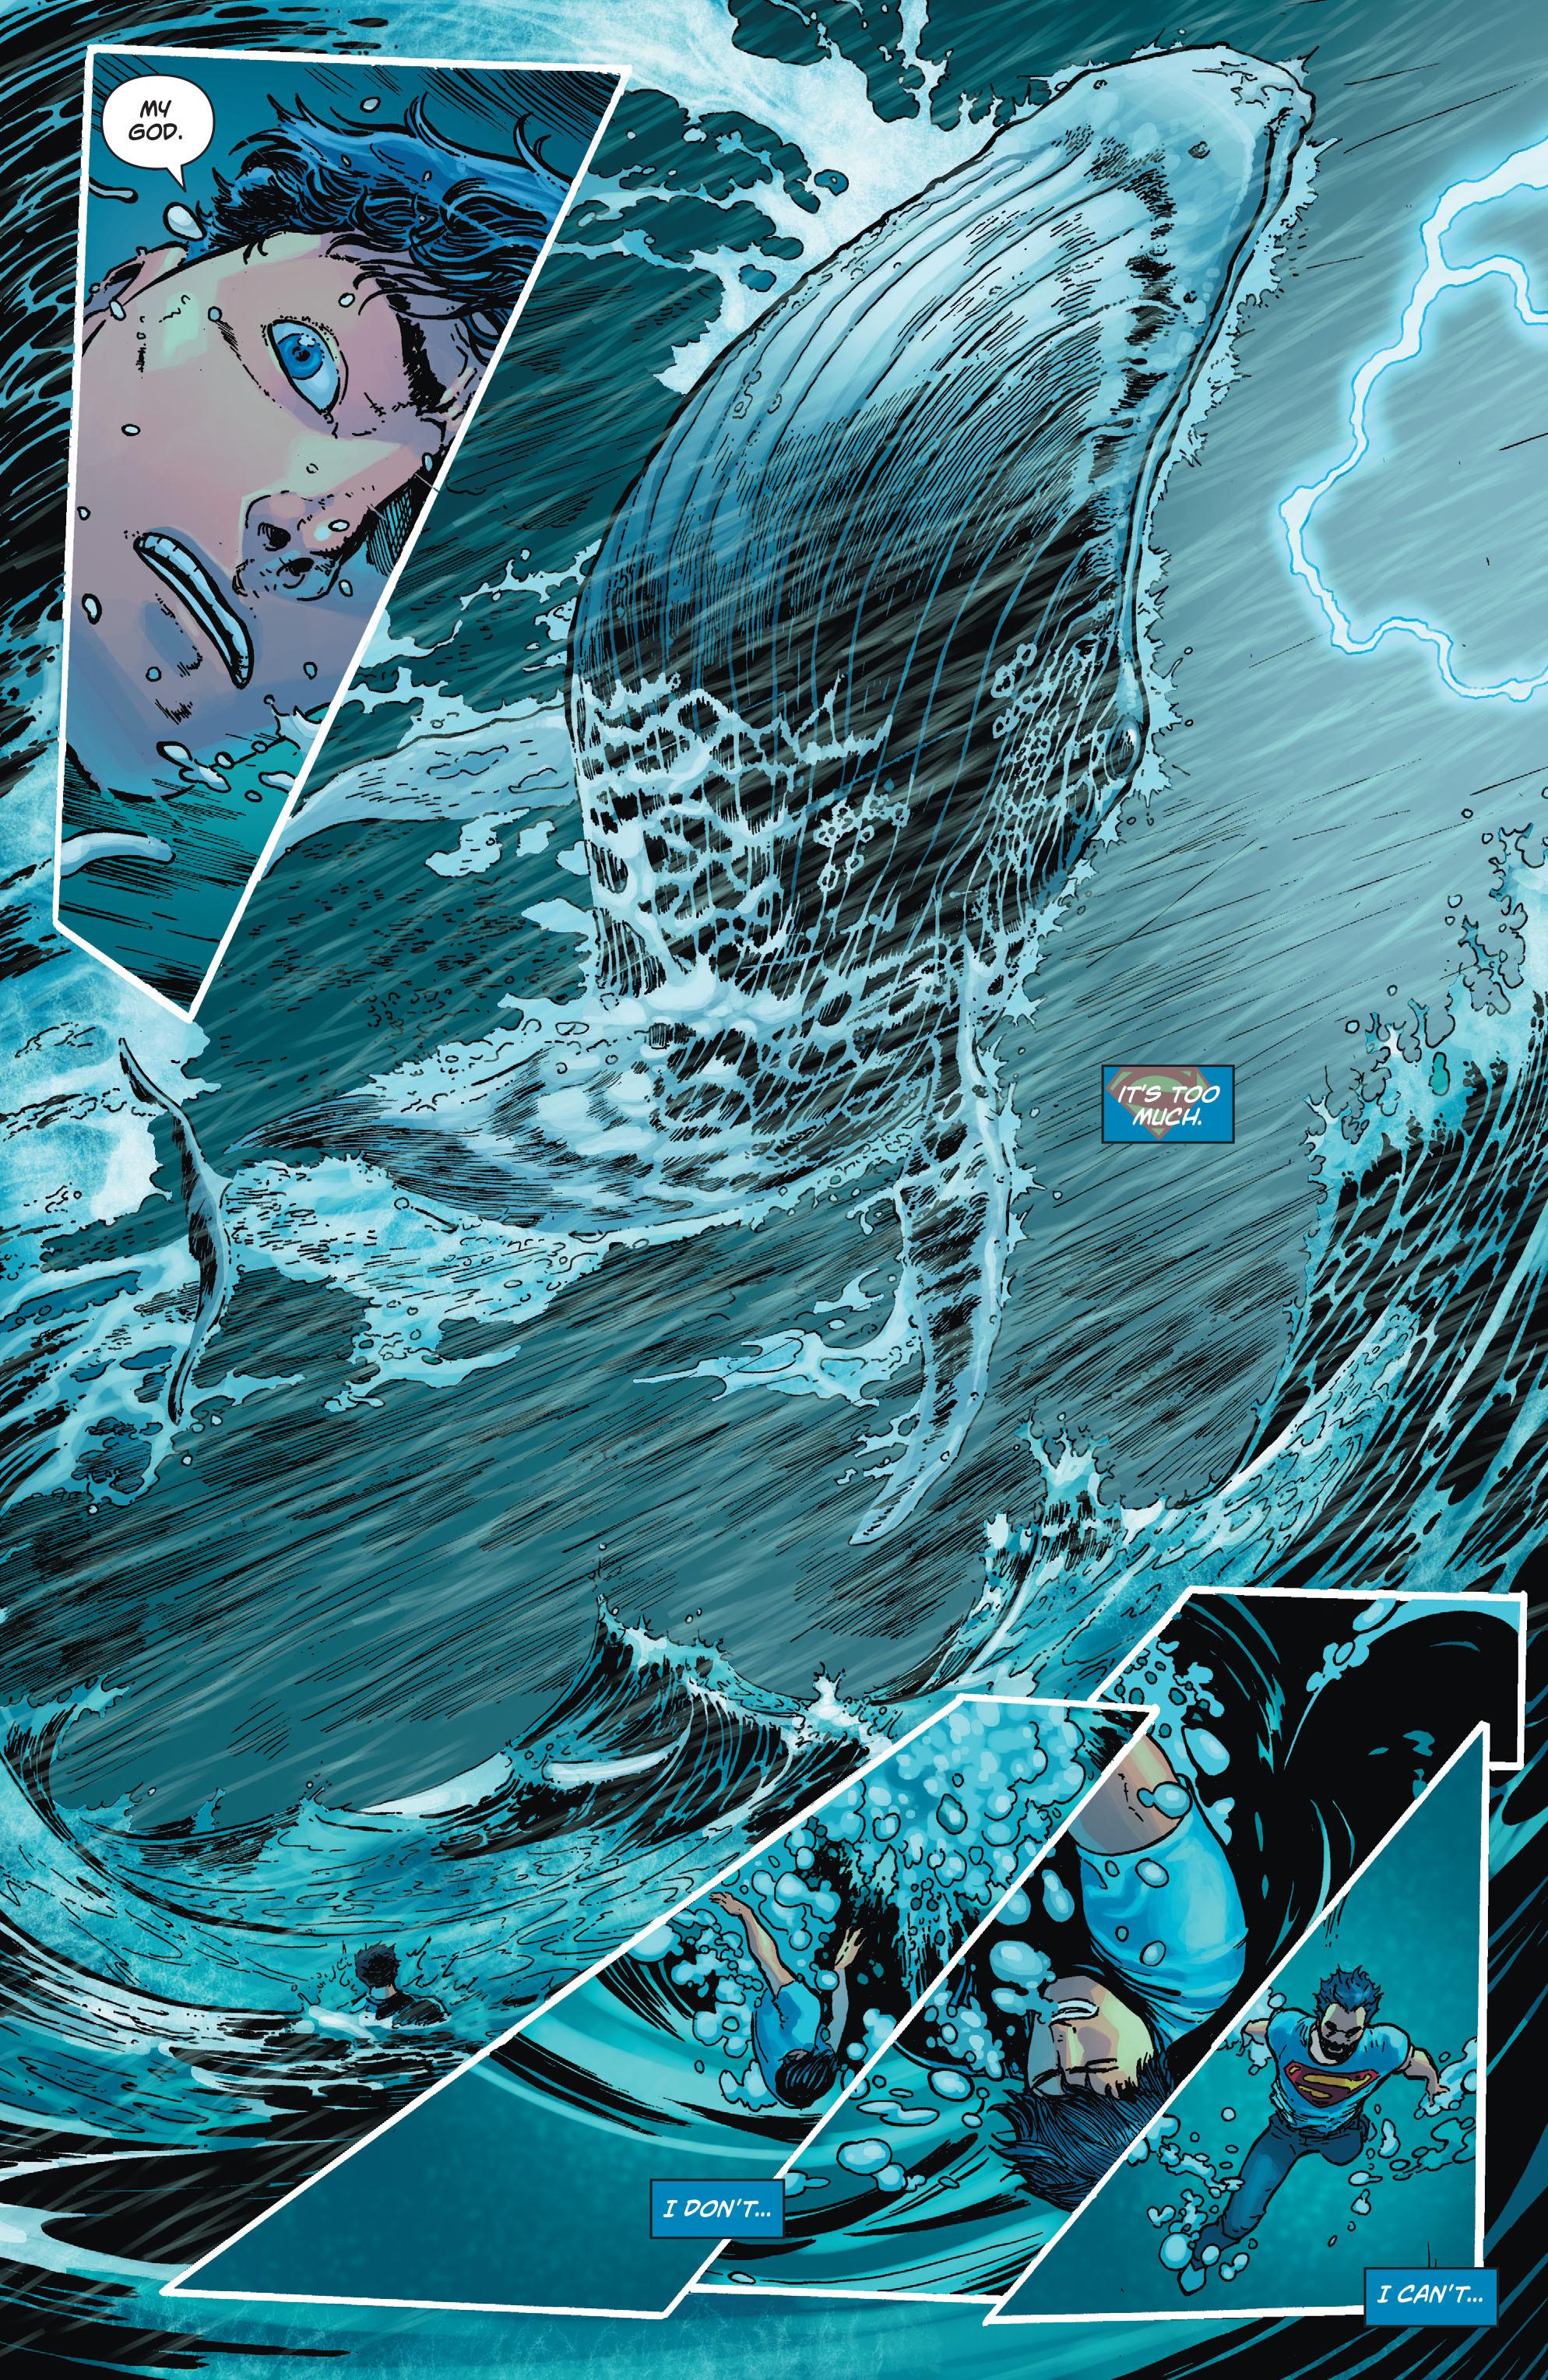 DC Comics: Zero Year chap tpb pic 74